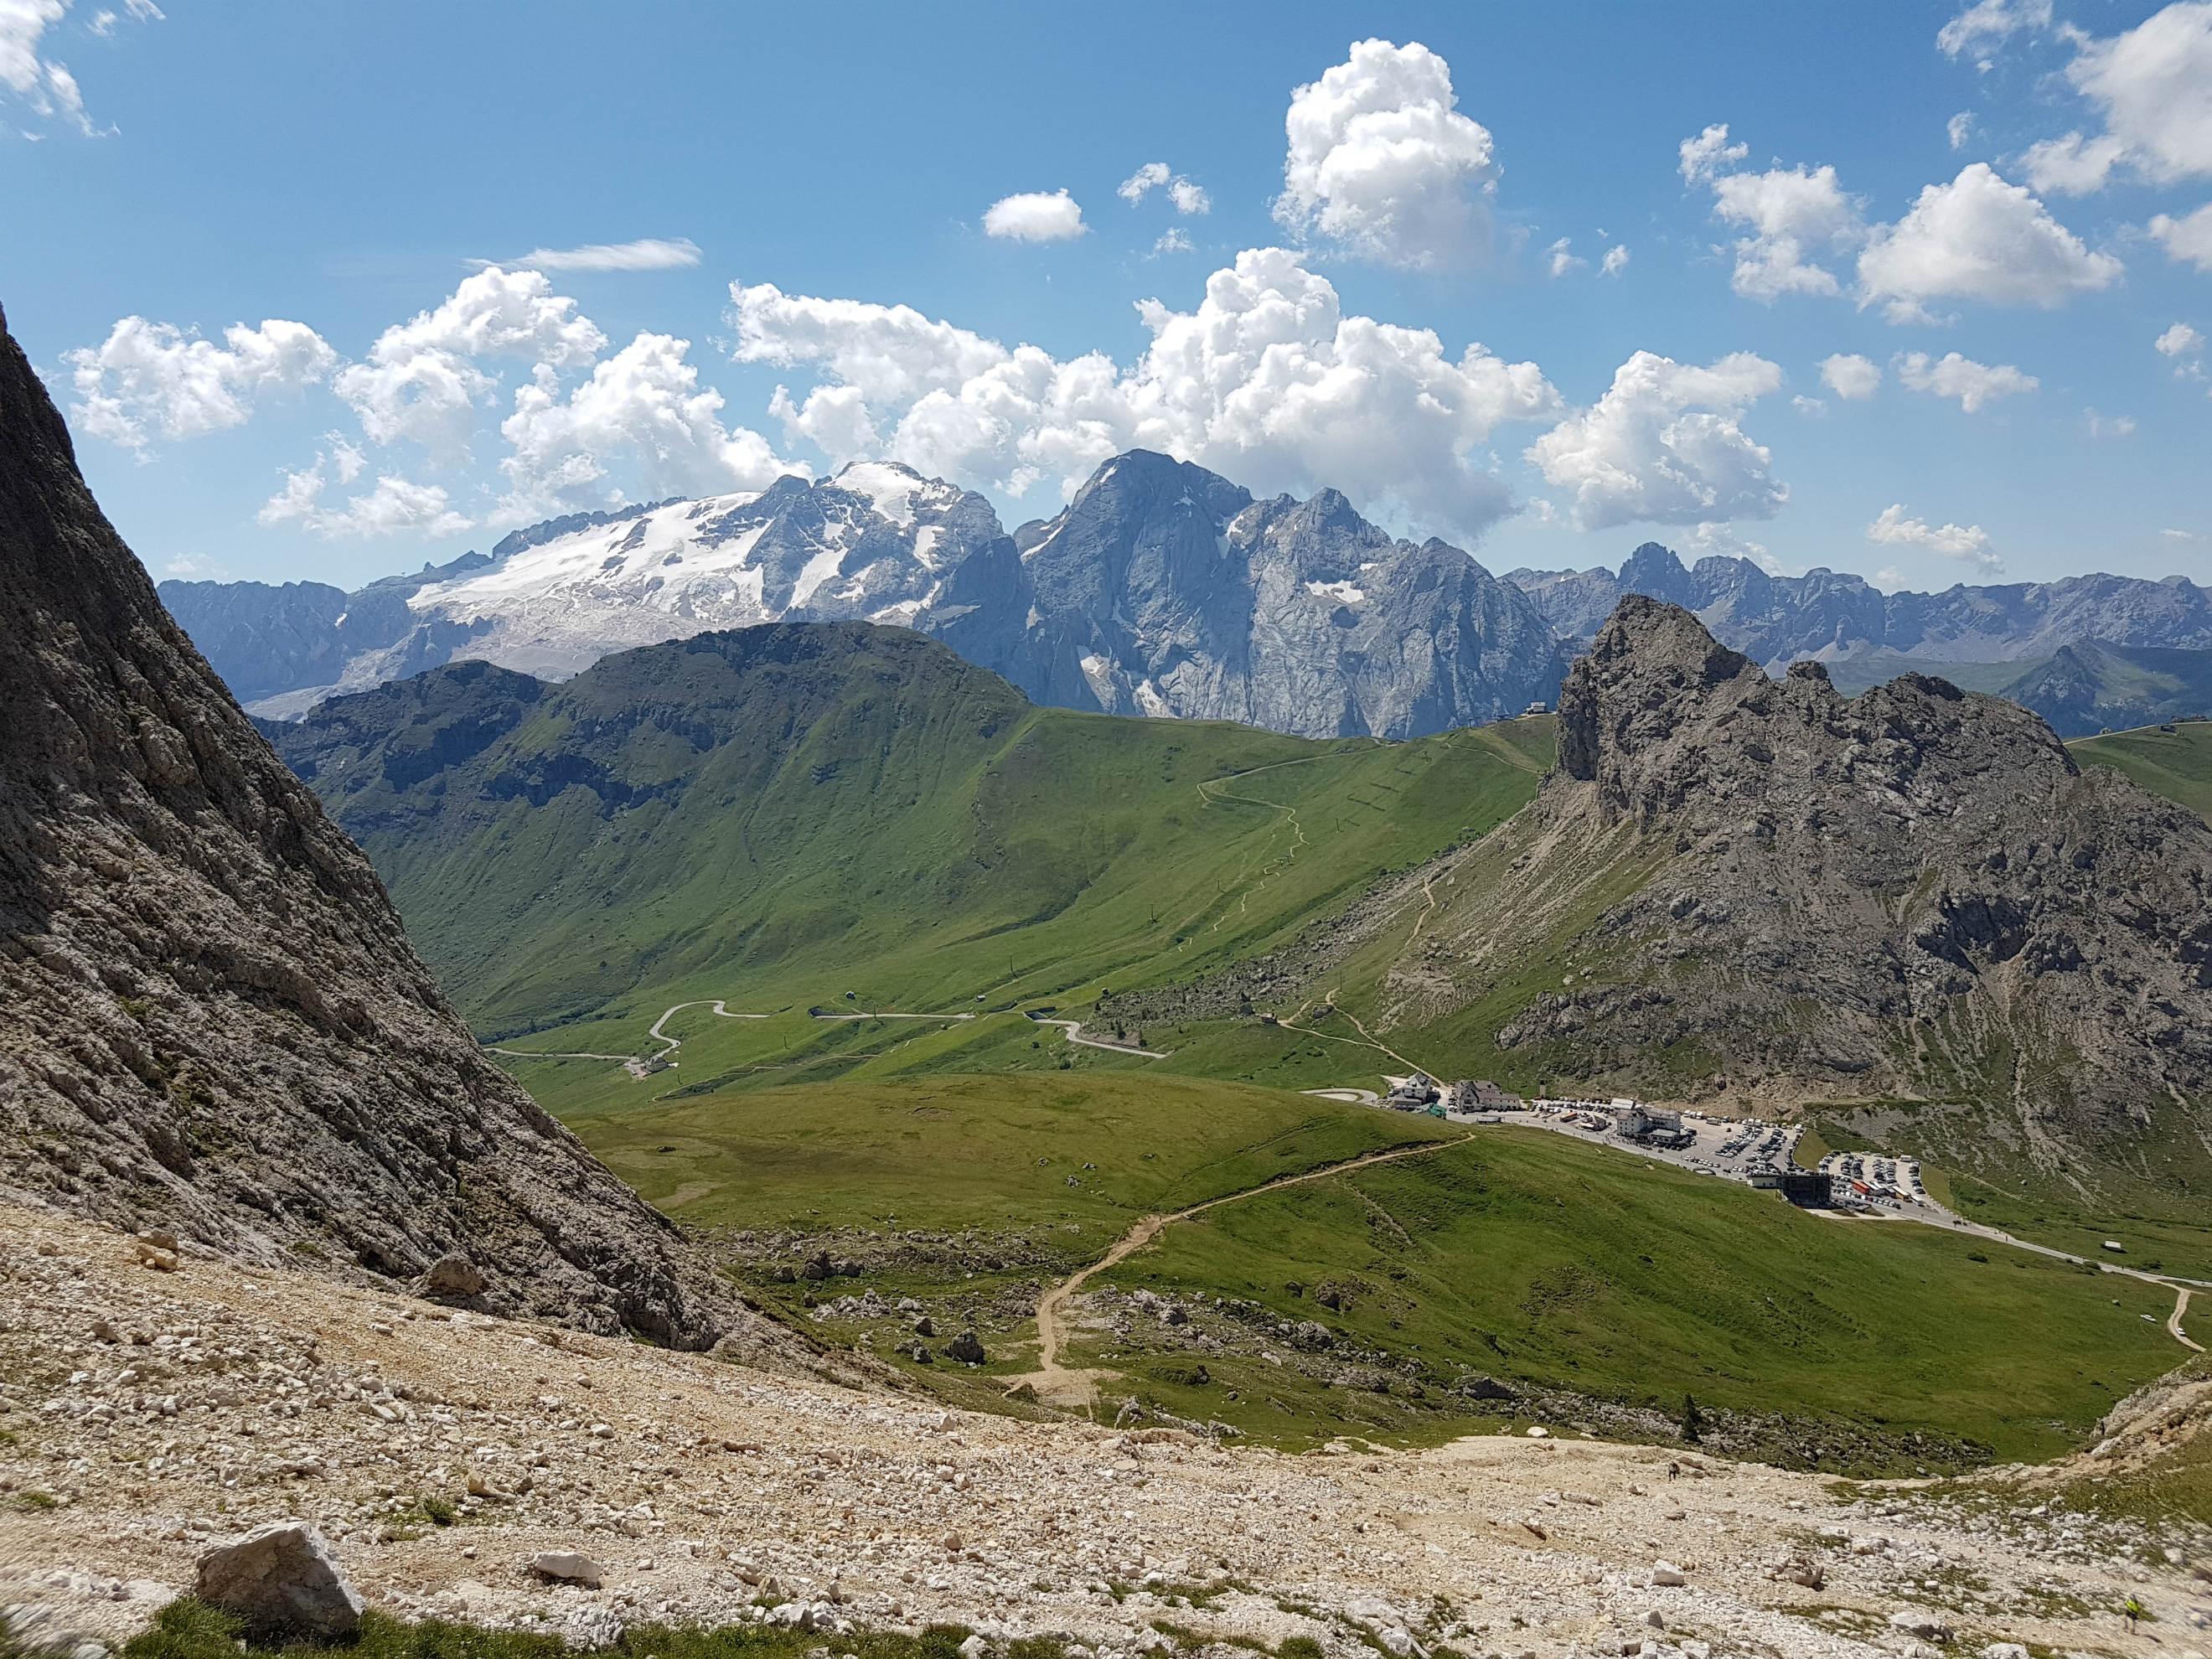 Talianske Dolomity Turistika A Tipy Na Vylet Kadetadeposvete Sk